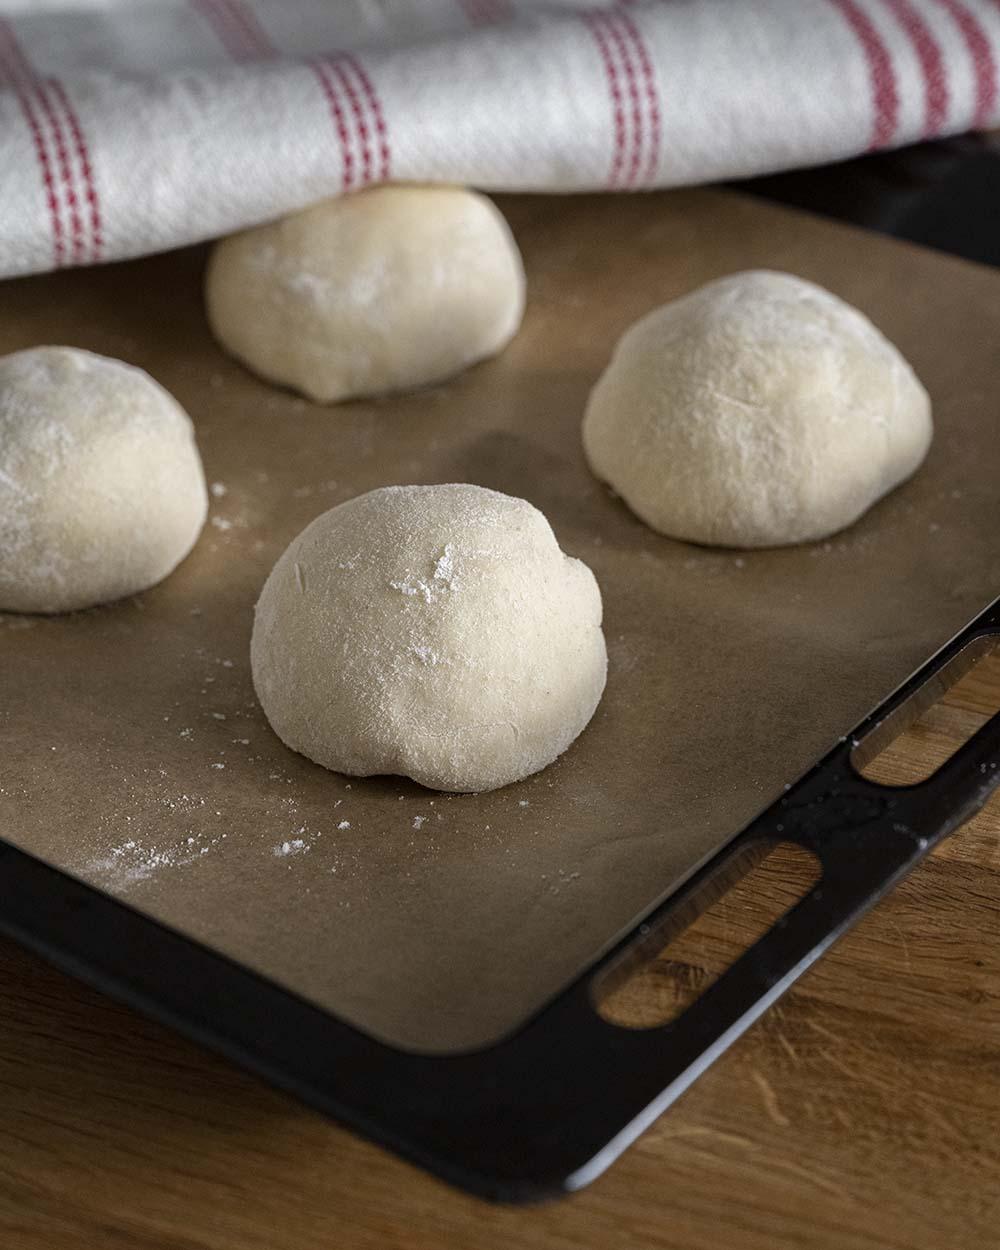 Einzelne Kugeln Teig liegen auf einem Backblech und werden gleich mit einem Handtuch abgedeckt, damit das Naan Brot gut gehen kann.